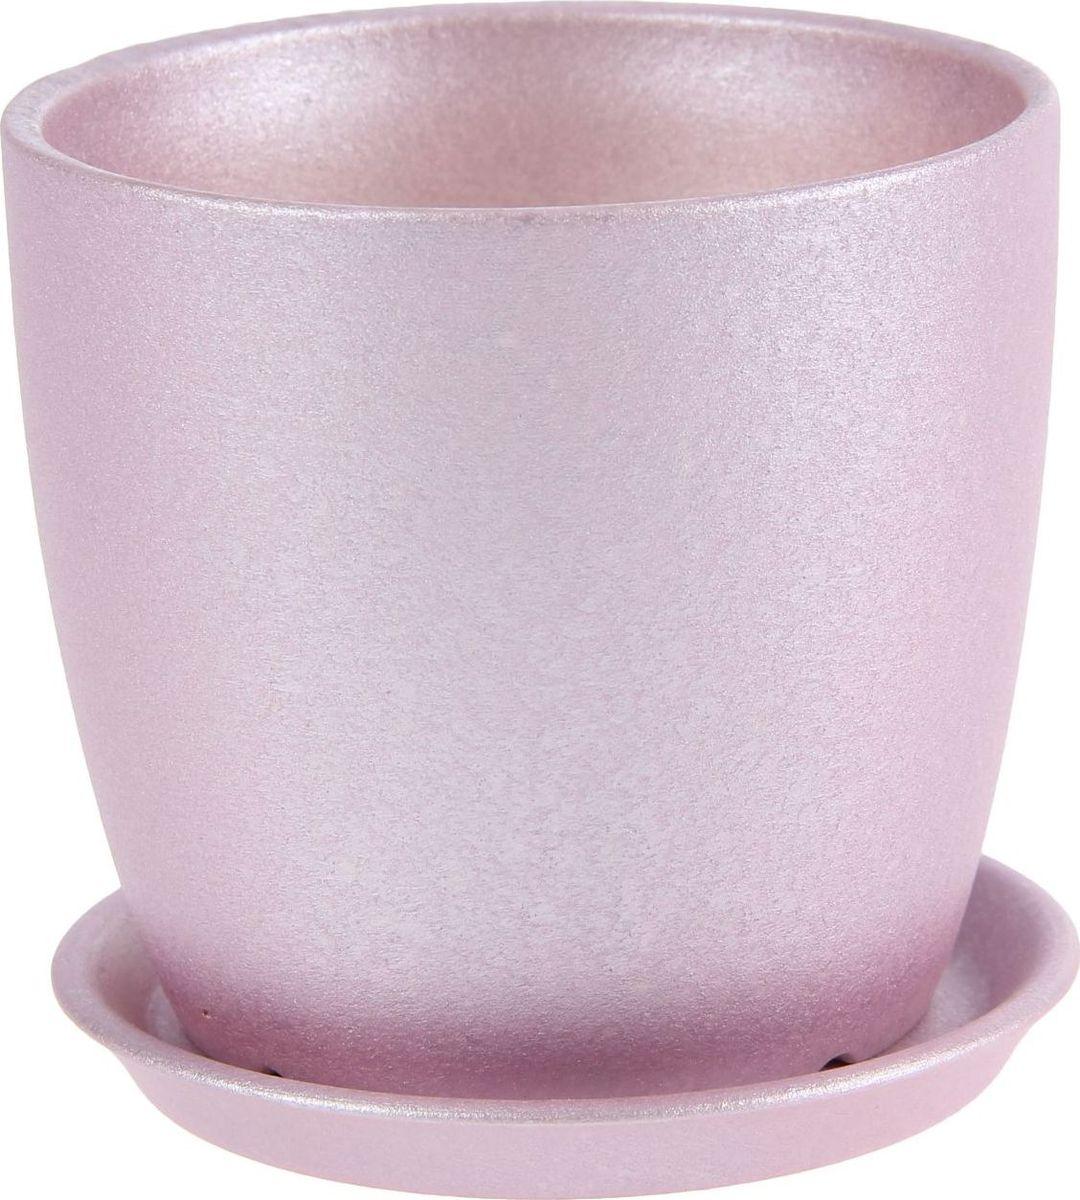 Кашпо Керамика ручной работы Осень. Перламутр, цвет: фиолетовый, 0,5 л1144922Комнатные растения — всеобщие любимцы. Они радуют глаз, насыщают помещение кислородом и украшают пространство. Каждому из них необходим свой удобный и красивый дом. Кашпо из керамики прекрасно подходят для высадки растений: за счёт пластичности глины и разных способов обработки существует великое множество форм и дизайновпористый материал позволяет испаряться лишней влагевоздух, необходимый для дыхания корней, проникает сквозь керамические стенки! #name# позаботится о зелёном питомце, освежит интерьер и подчеркнёт его стиль.